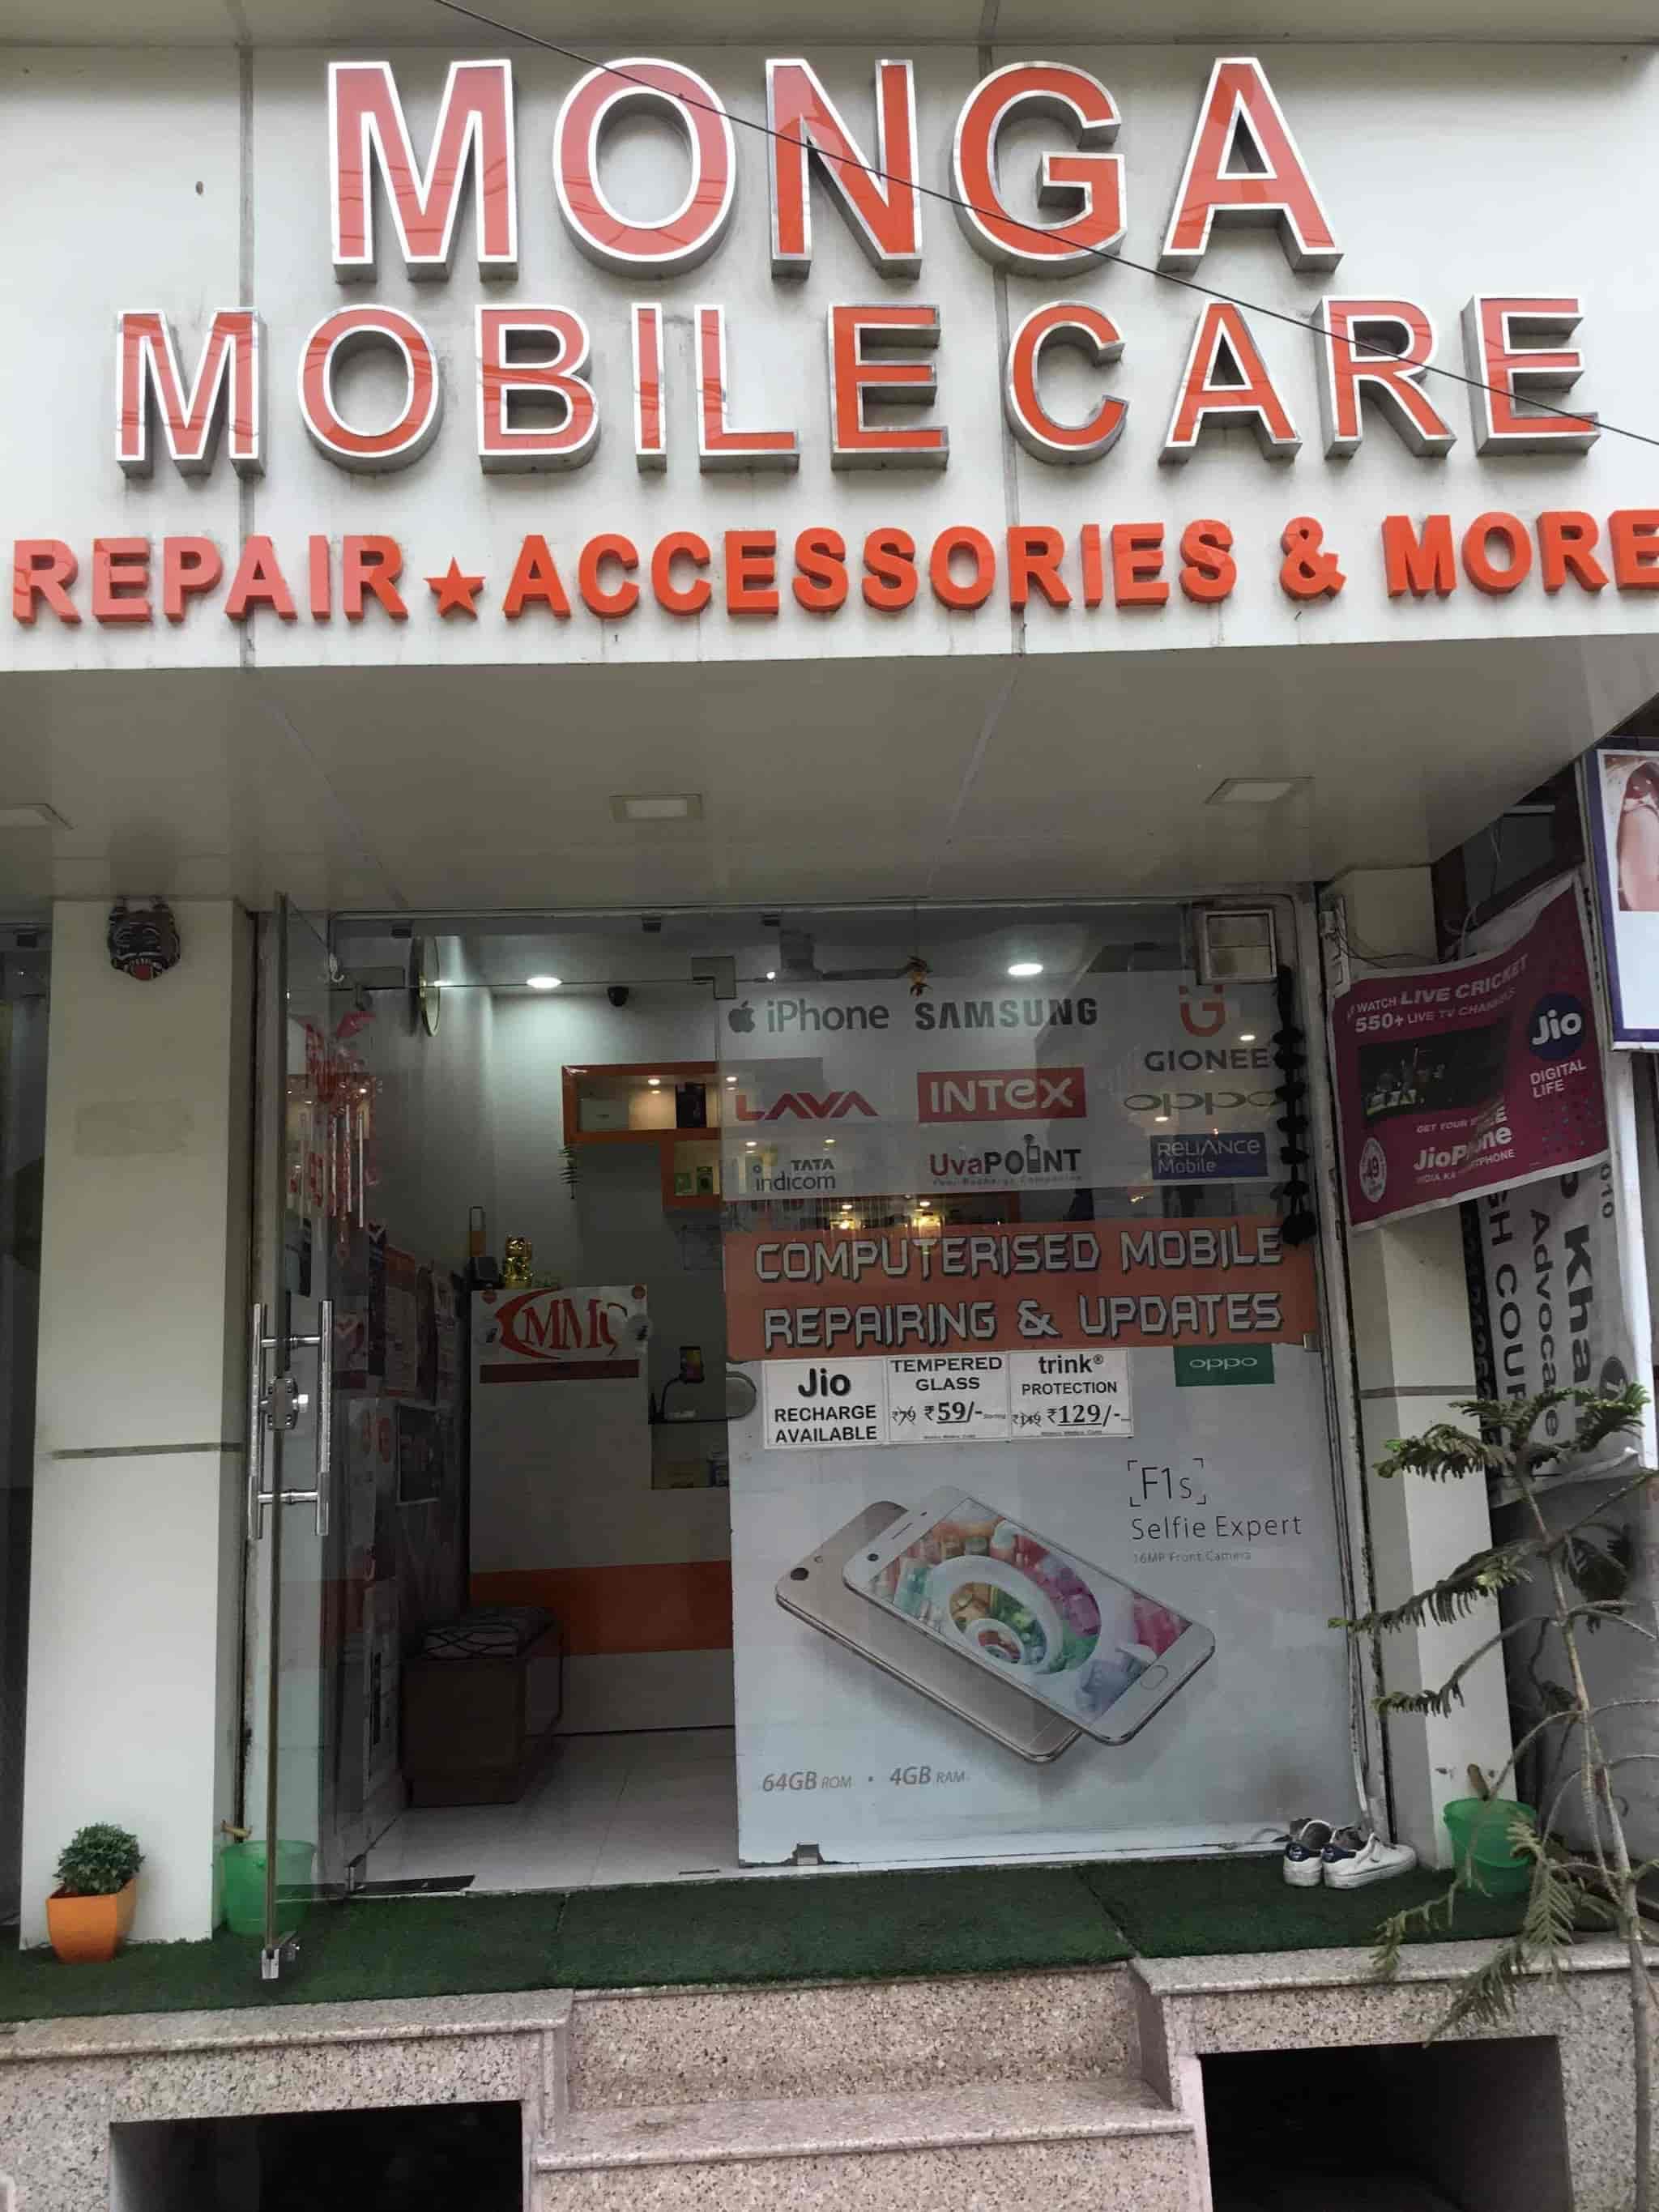 Monga Mobile Care Photos, Ajay Enclave Ashok Nagar, Delhi- Pictures